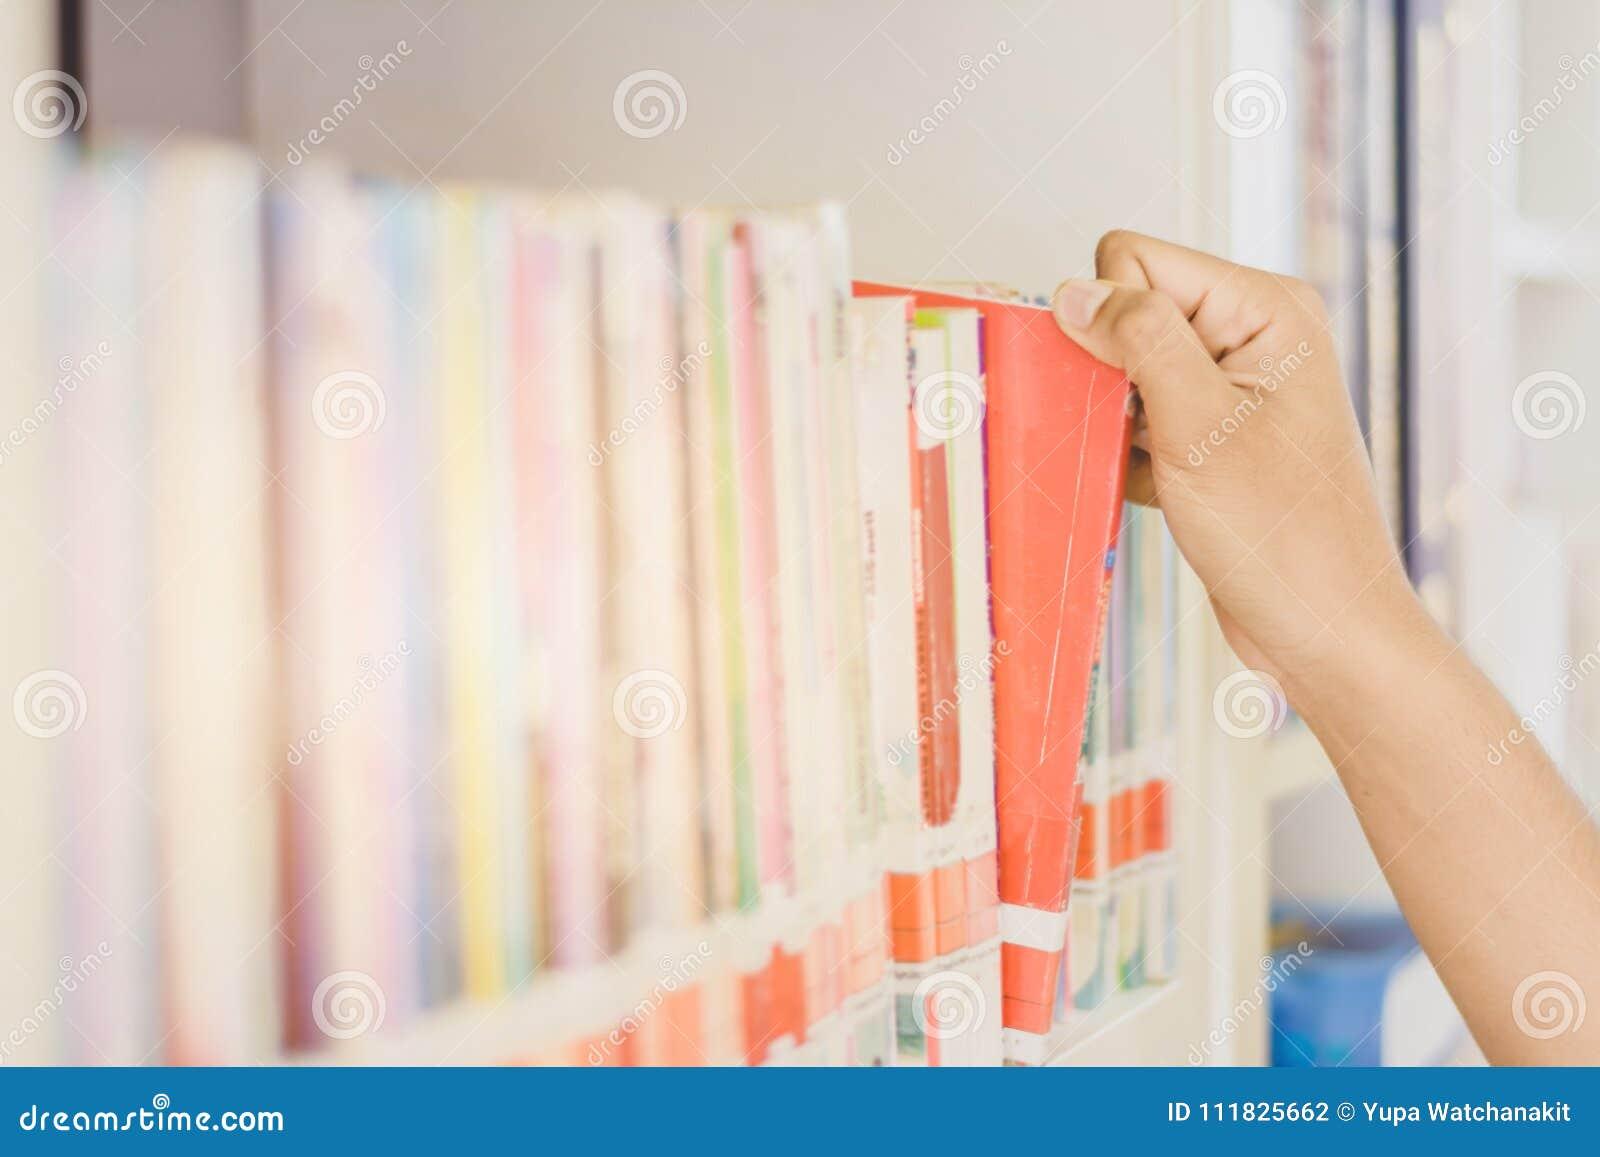 Hand des asiatischen Studenten ein Buch für das Ablesen in College libr auswählend